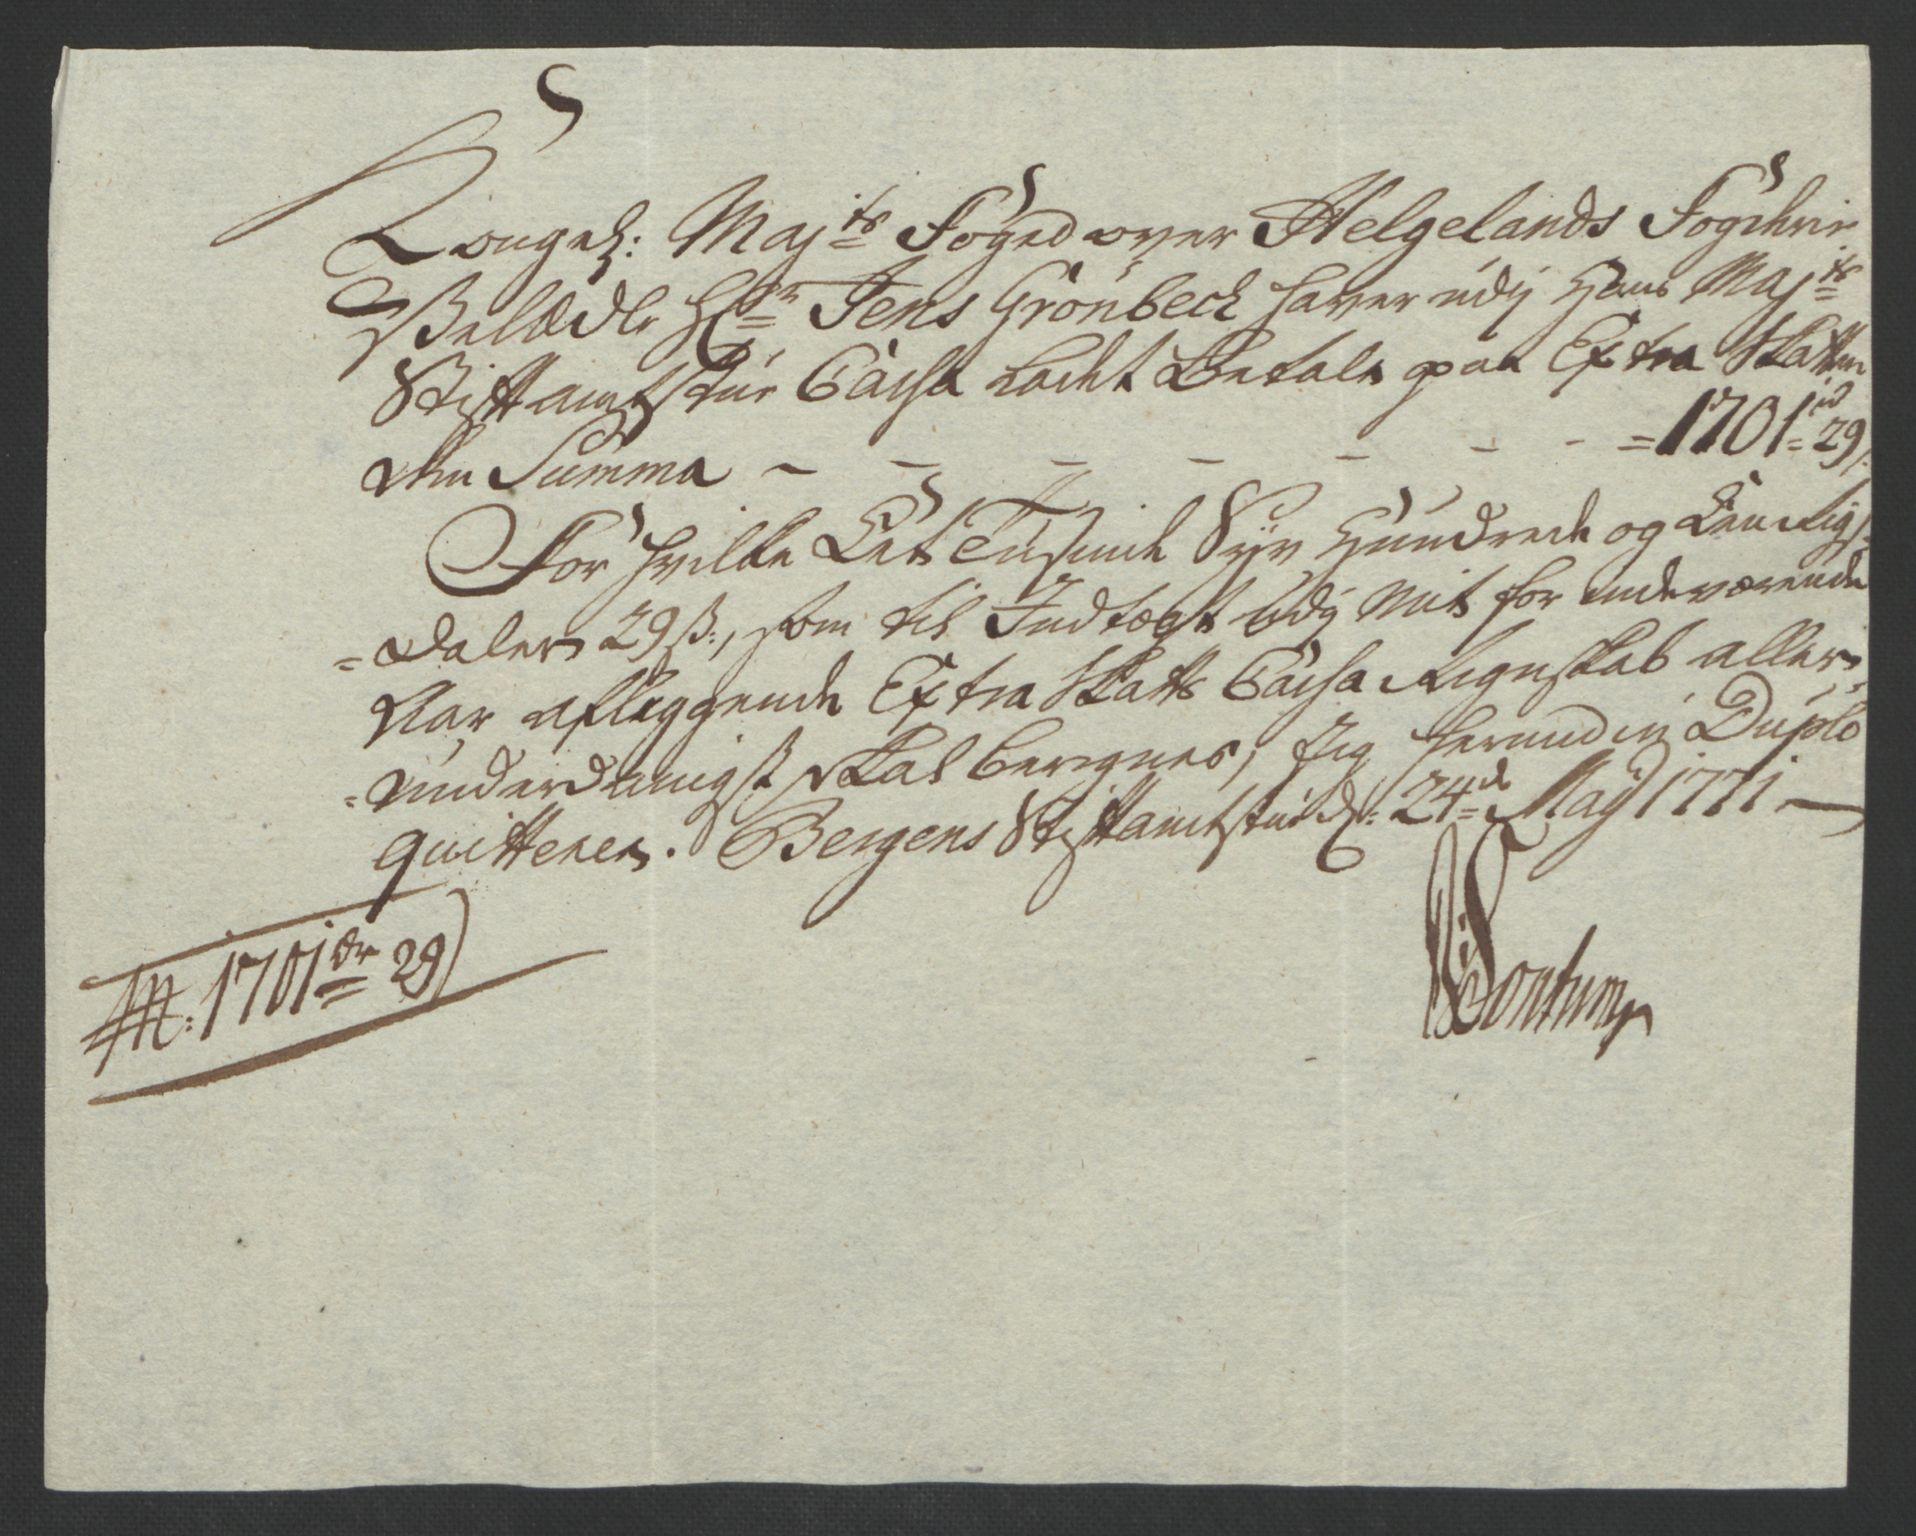 RA, Rentekammeret inntil 1814, Reviderte regnskaper, Fogderegnskap, R65/L4573: Ekstraskatten Helgeland, 1762-1772, s. 347